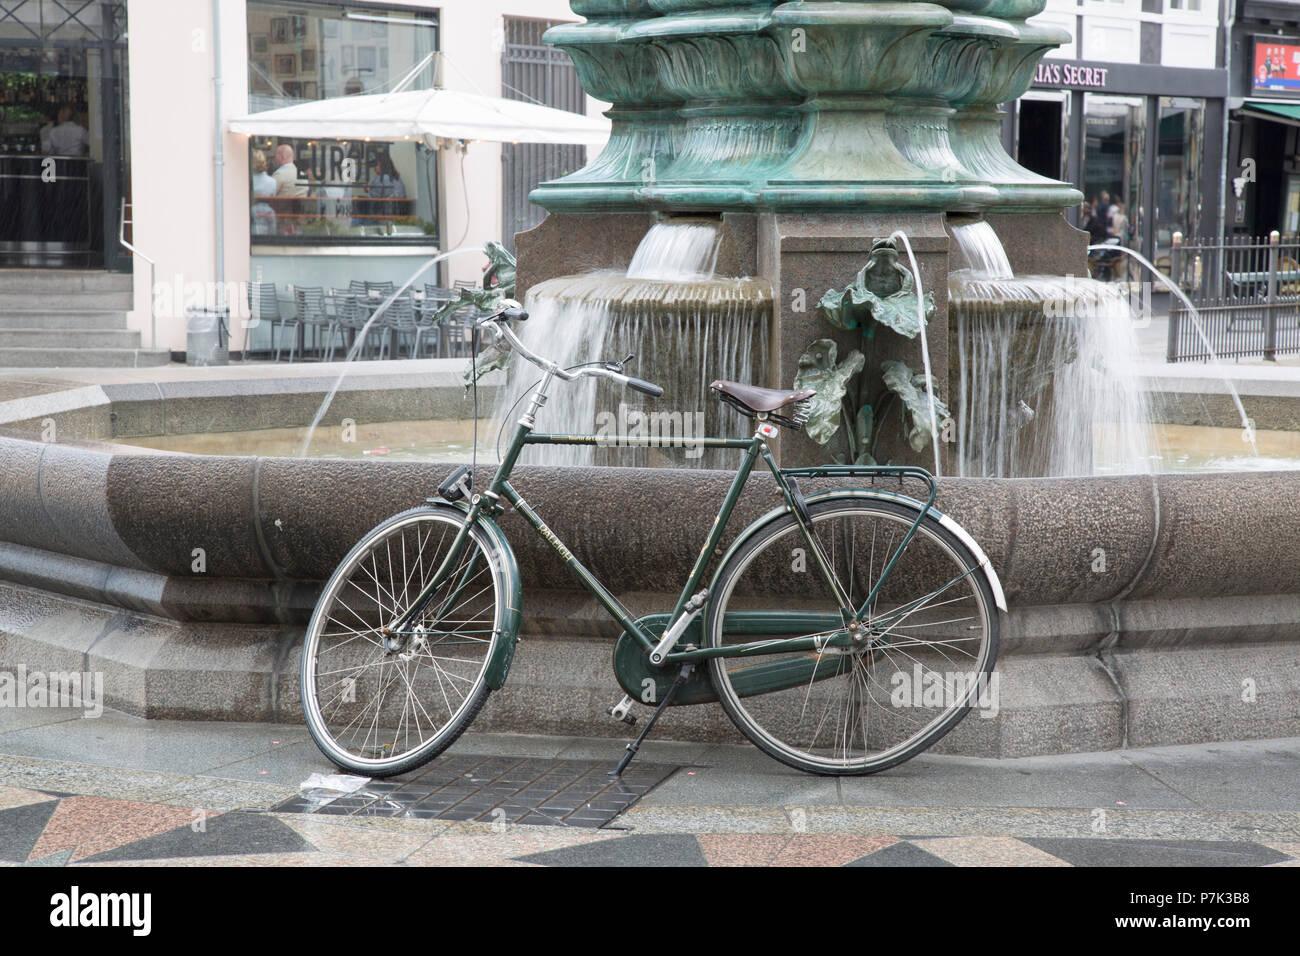 Stork Fountain and Bike; Copenhagen; Denmark - Stock Image